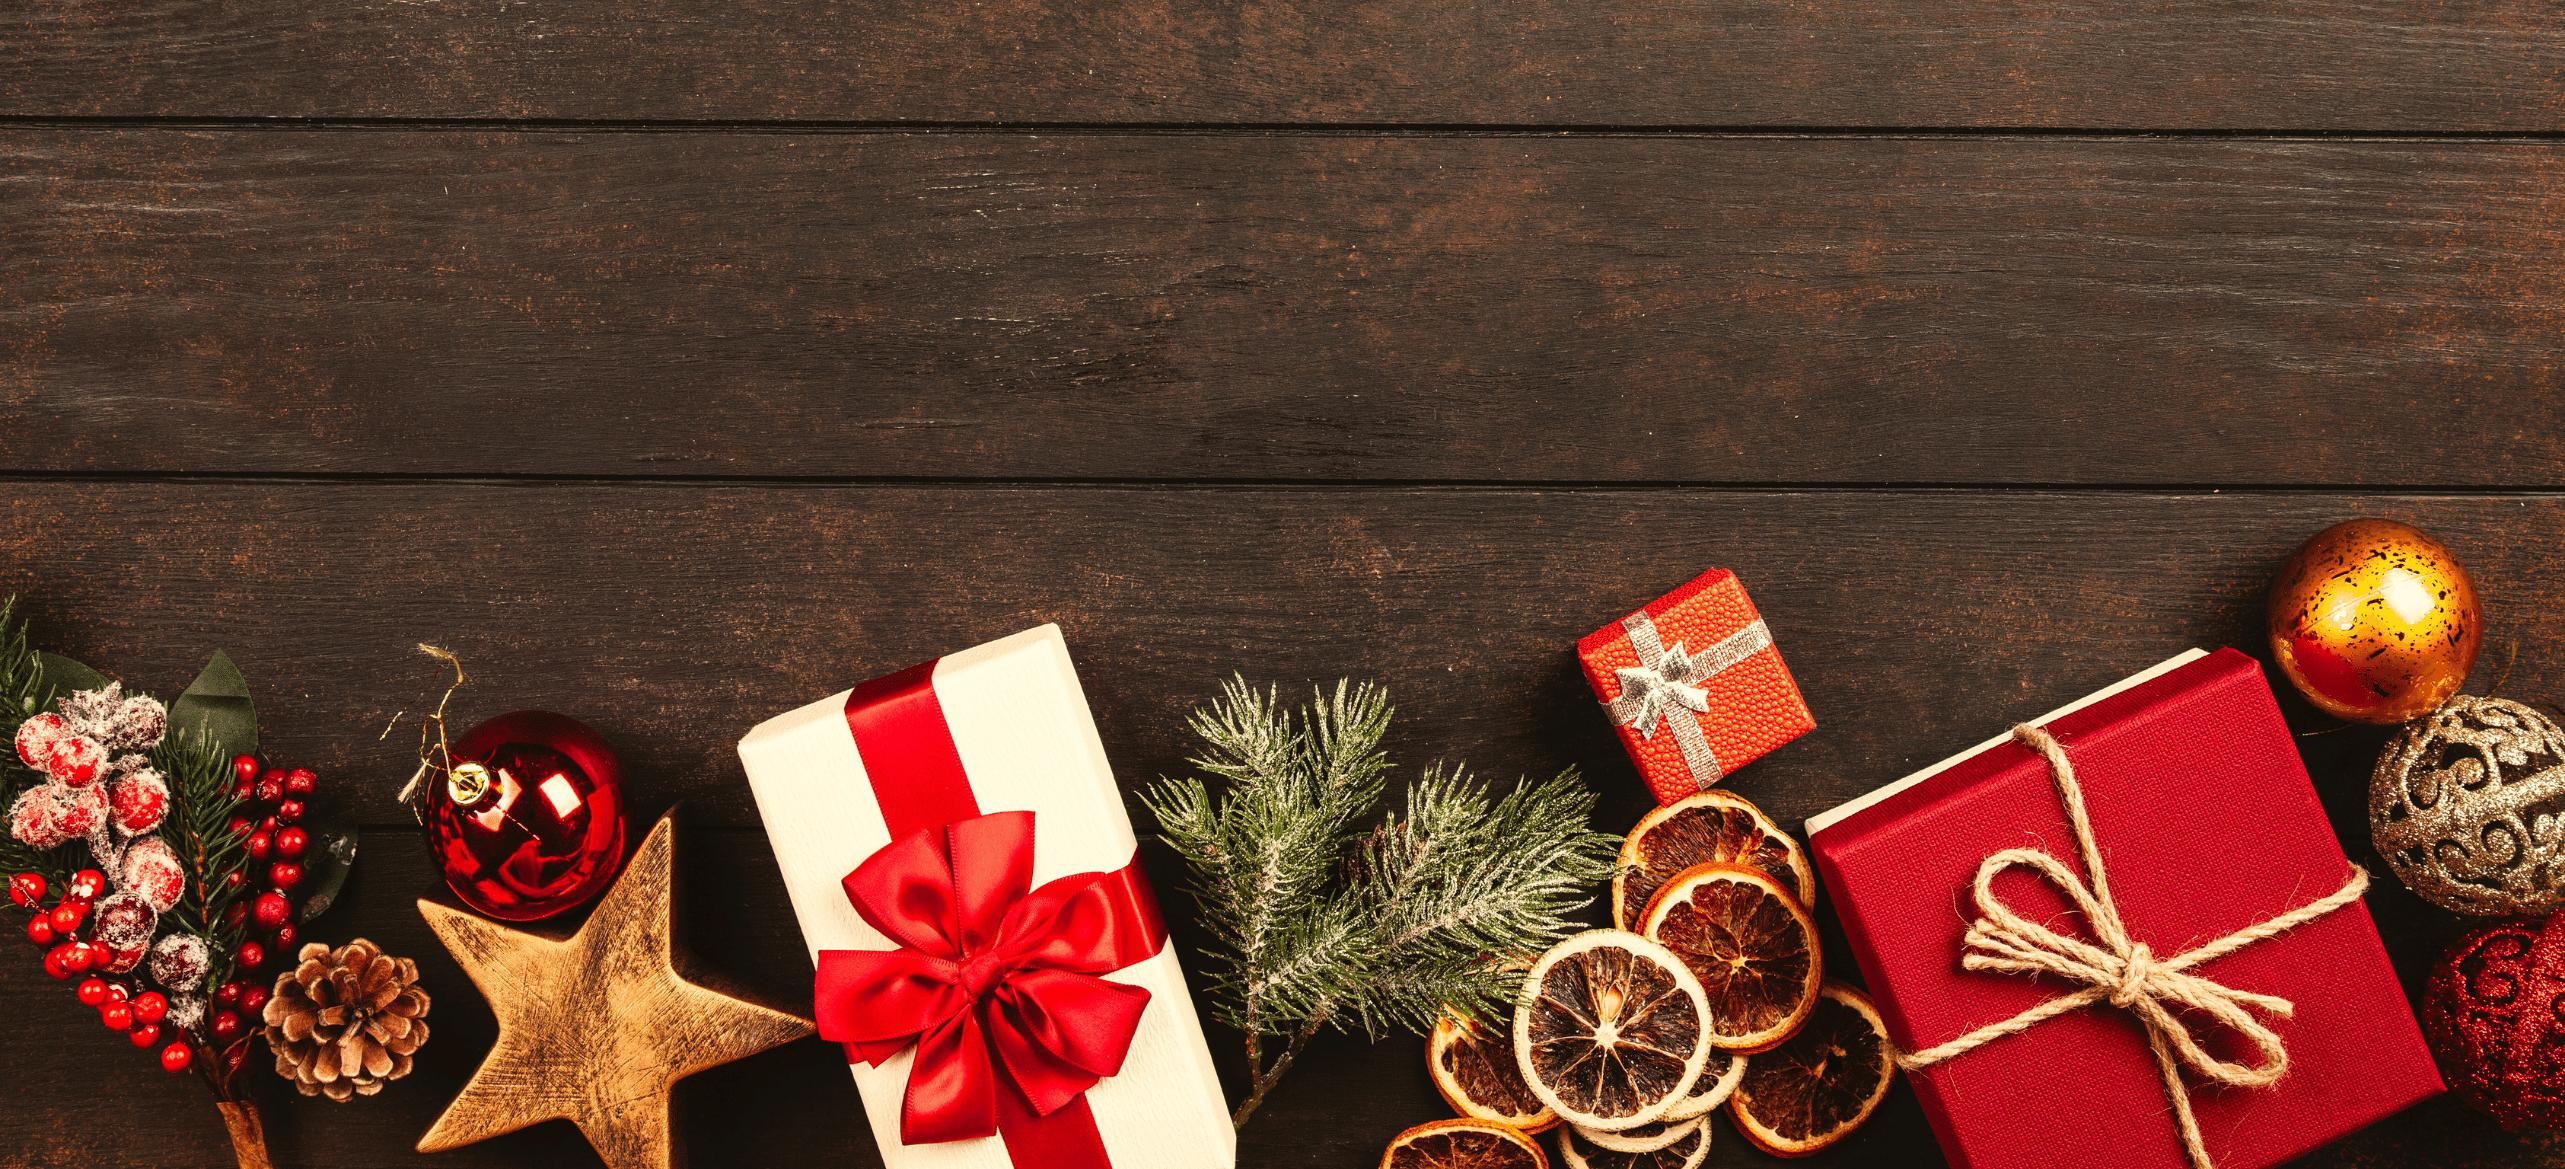 10 ideas para preparar tu campaña de Navidad